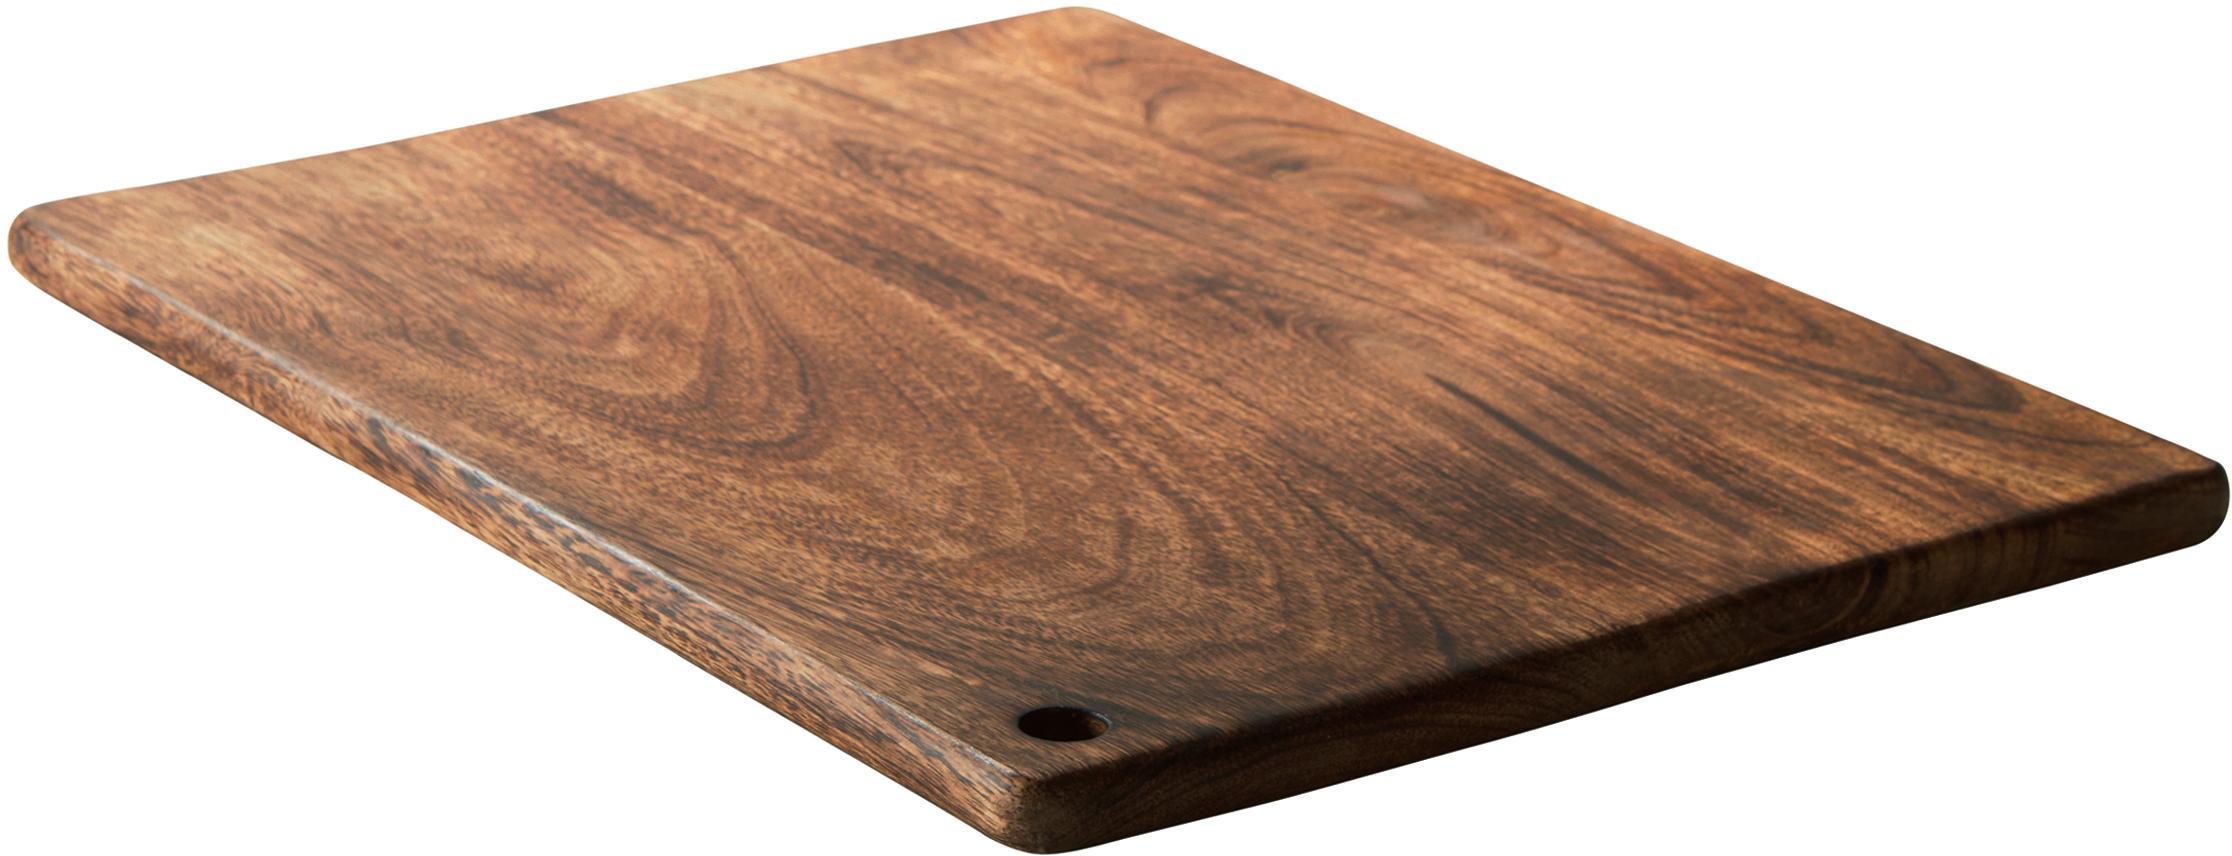 Schneidebrett Colton aus Mangoholz, Mangoholz, Mangoholz, B 40 x T 30 cm